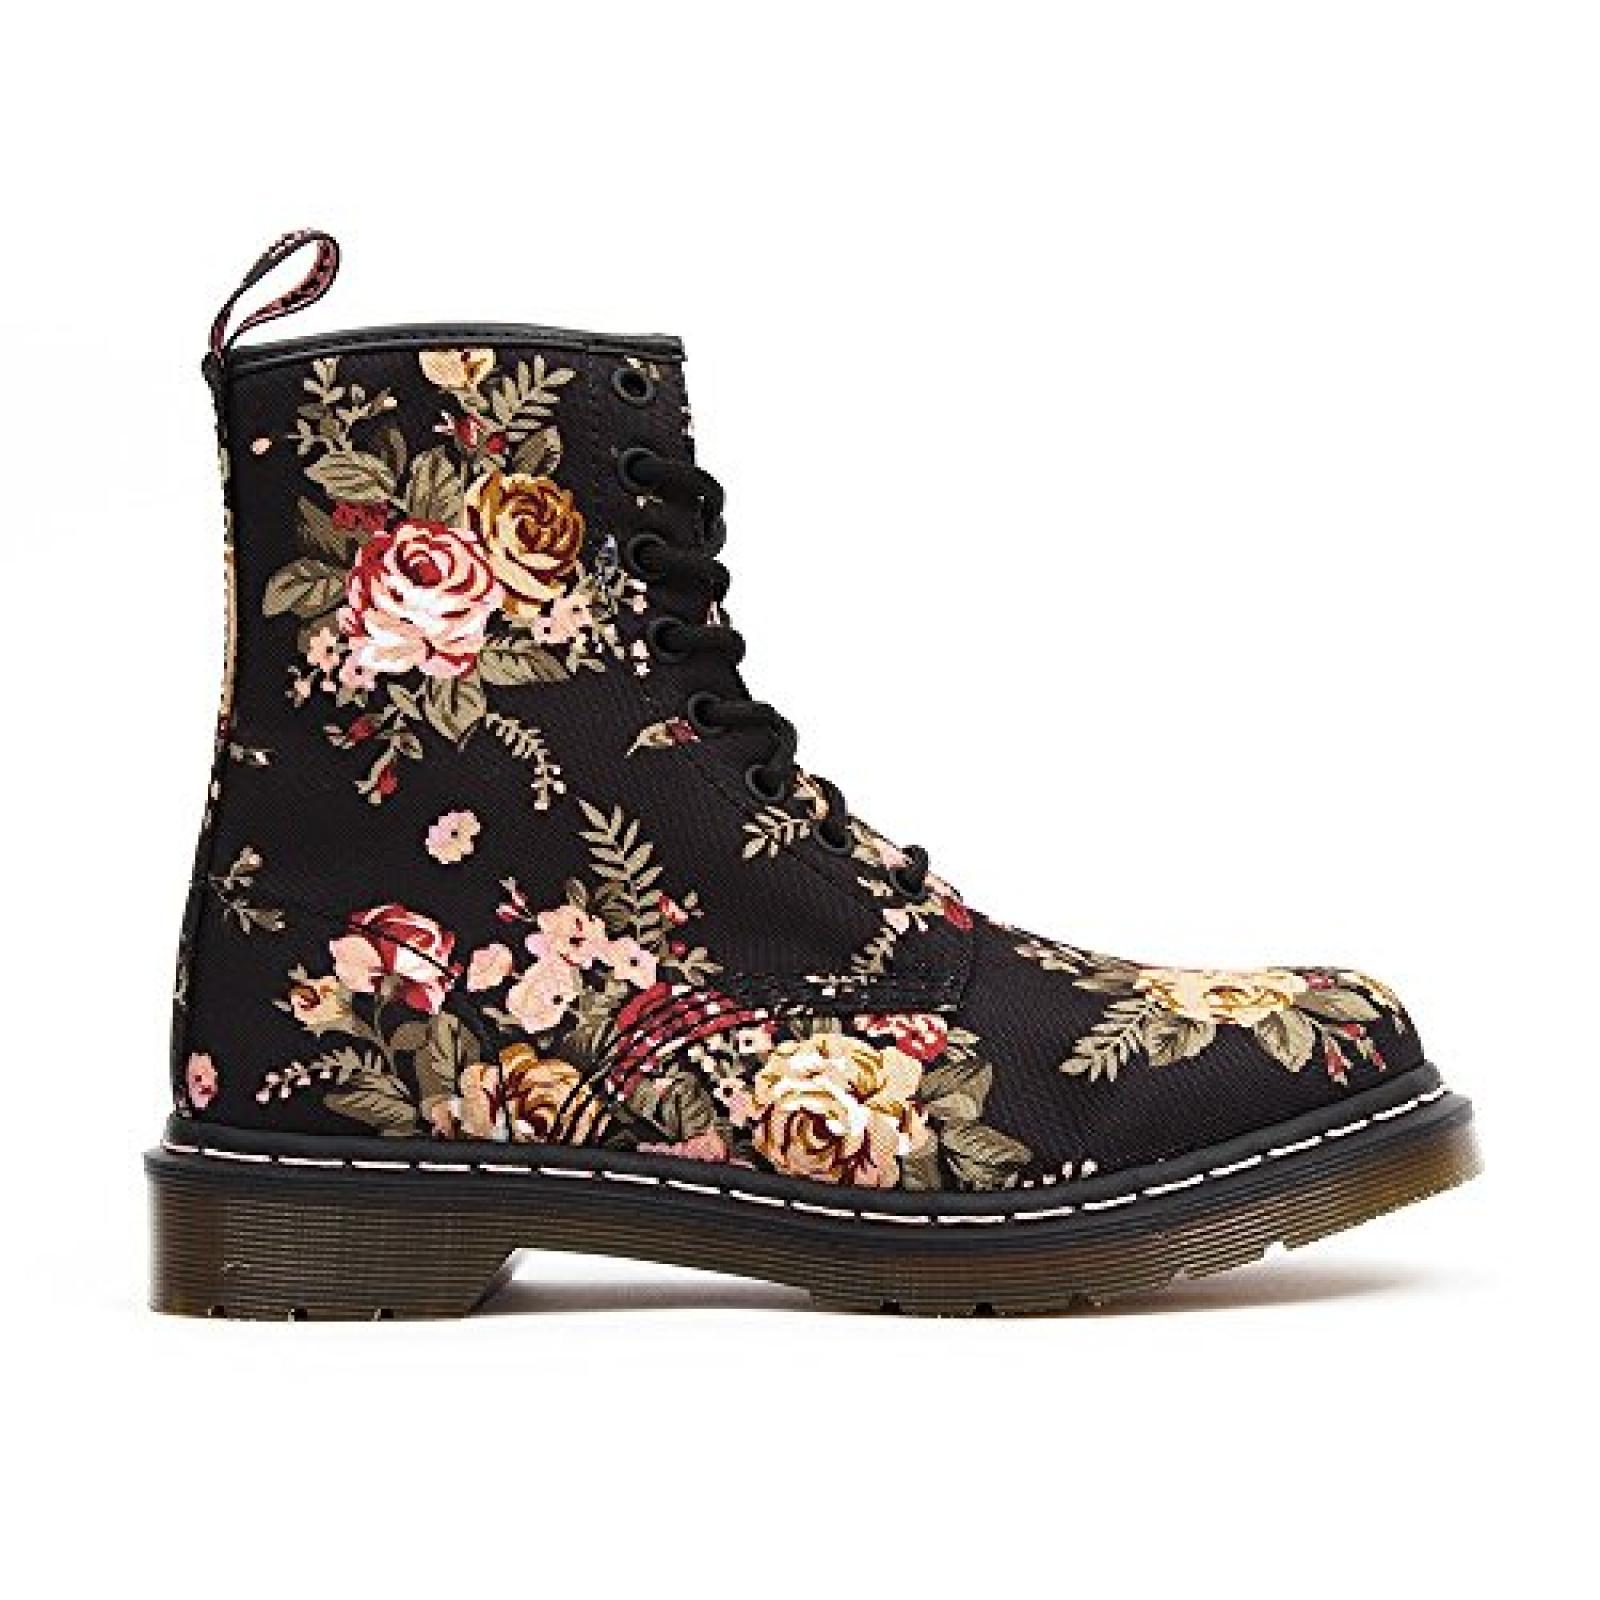 Dr. Martens 1460 Victorian Flowers Damen Bootsschuhe